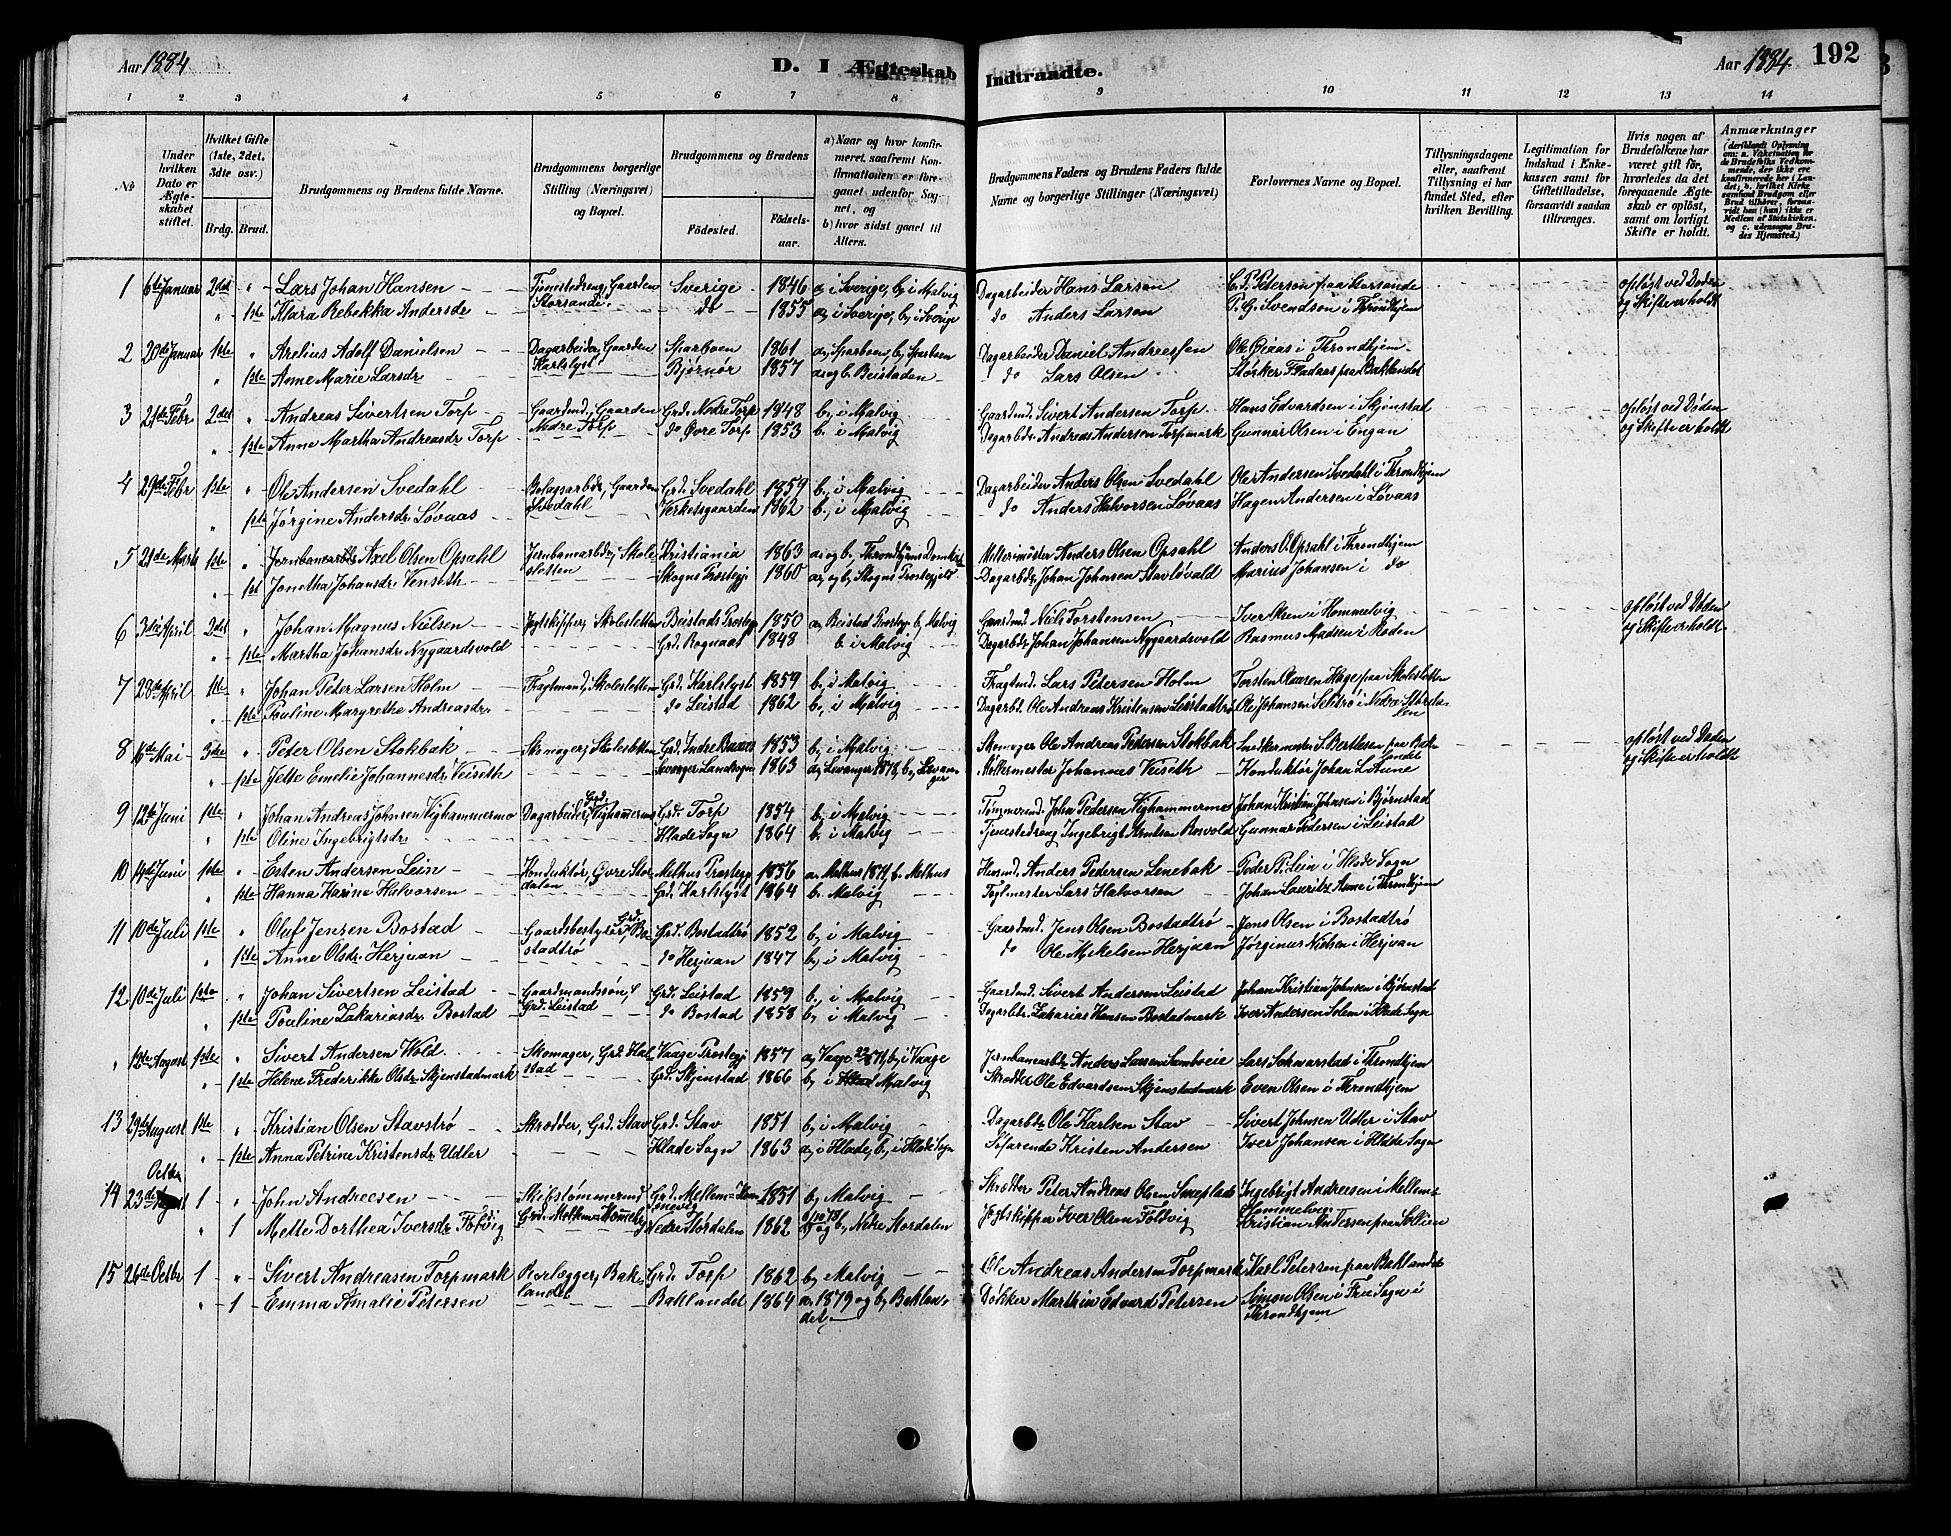 SAT, Ministerialprotokoller, klokkerbøker og fødselsregistre - Sør-Trøndelag, 616/L0423: Klokkerbok nr. 616C06, 1878-1903, s. 192